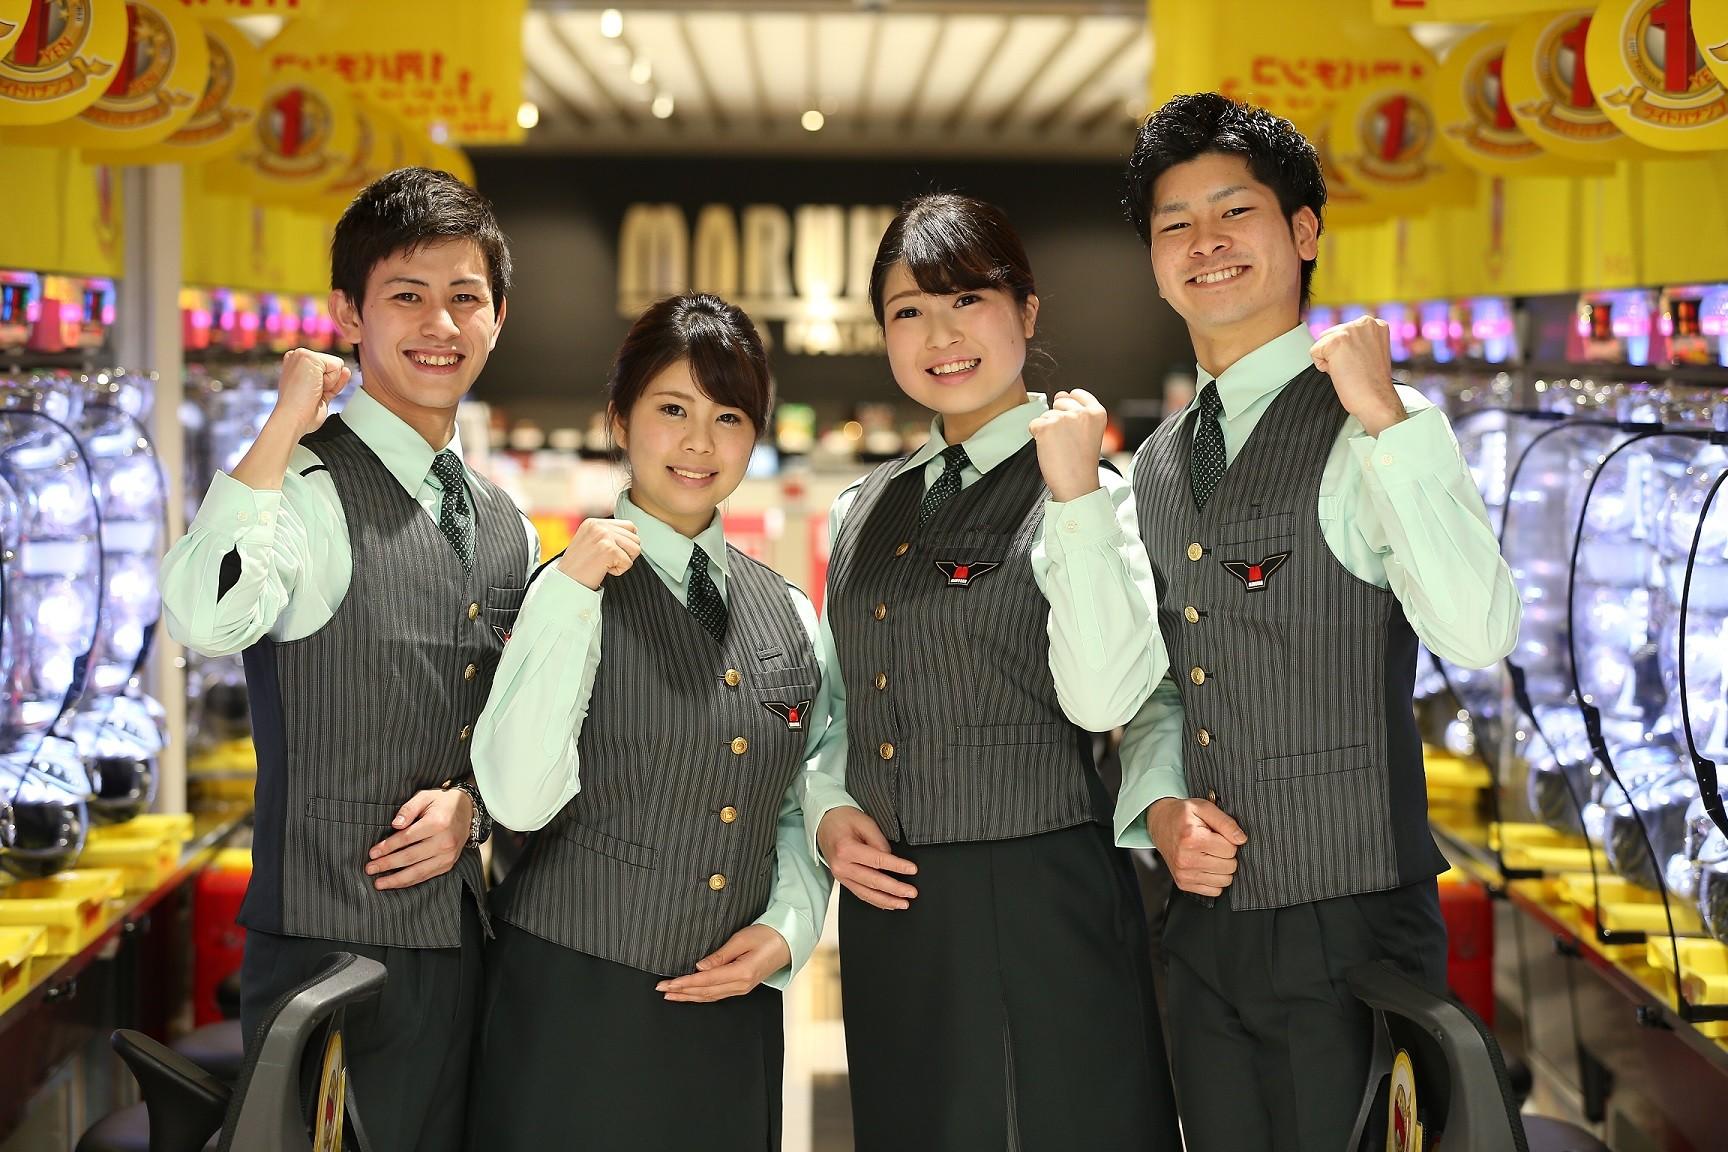 マルハン 此花島屋店[2803]のアルバイト情報